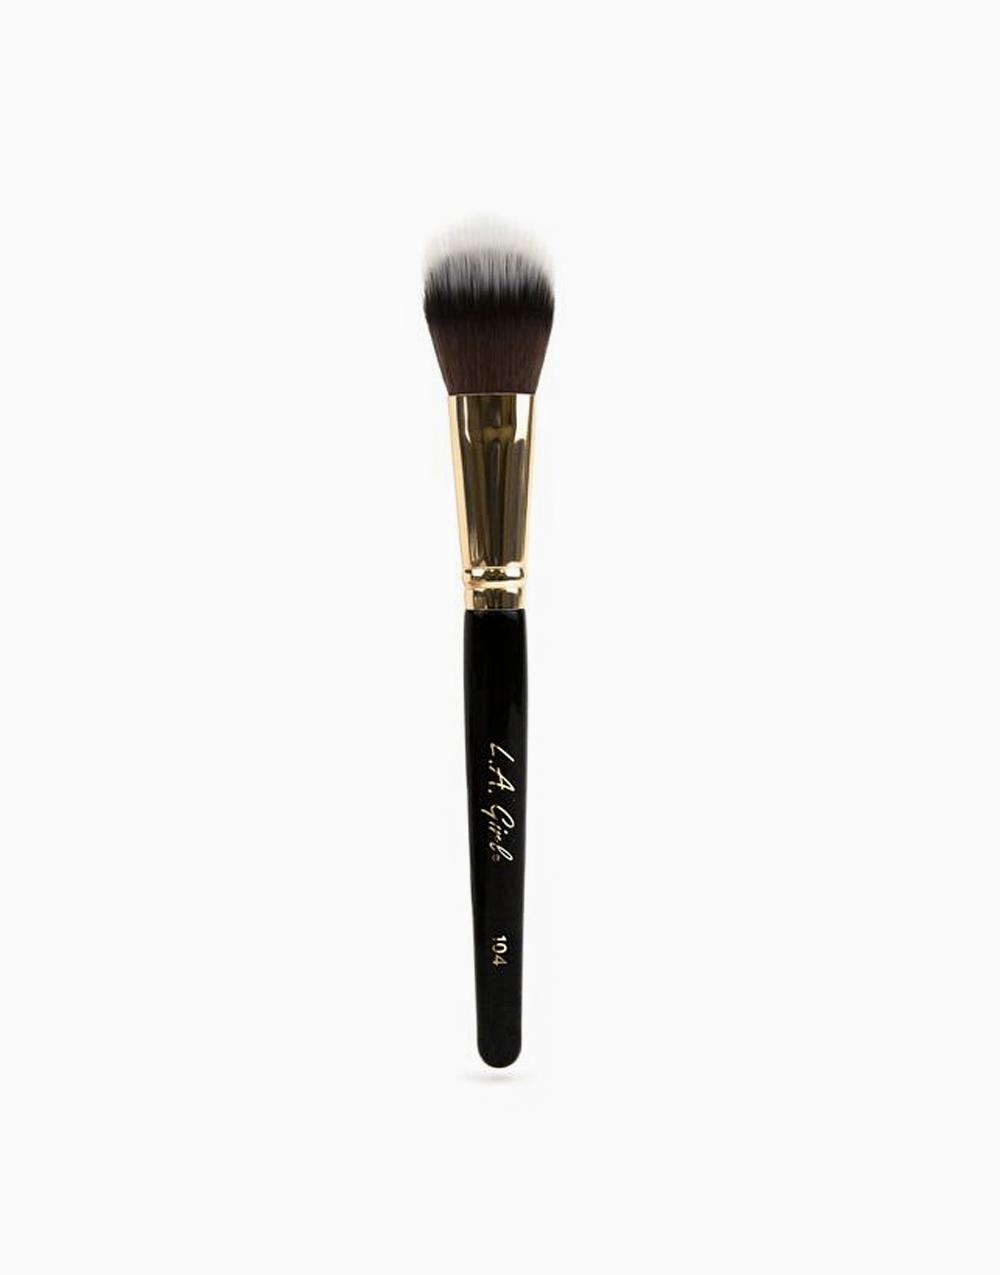 Domed Stippler Brush by L.A. Girl